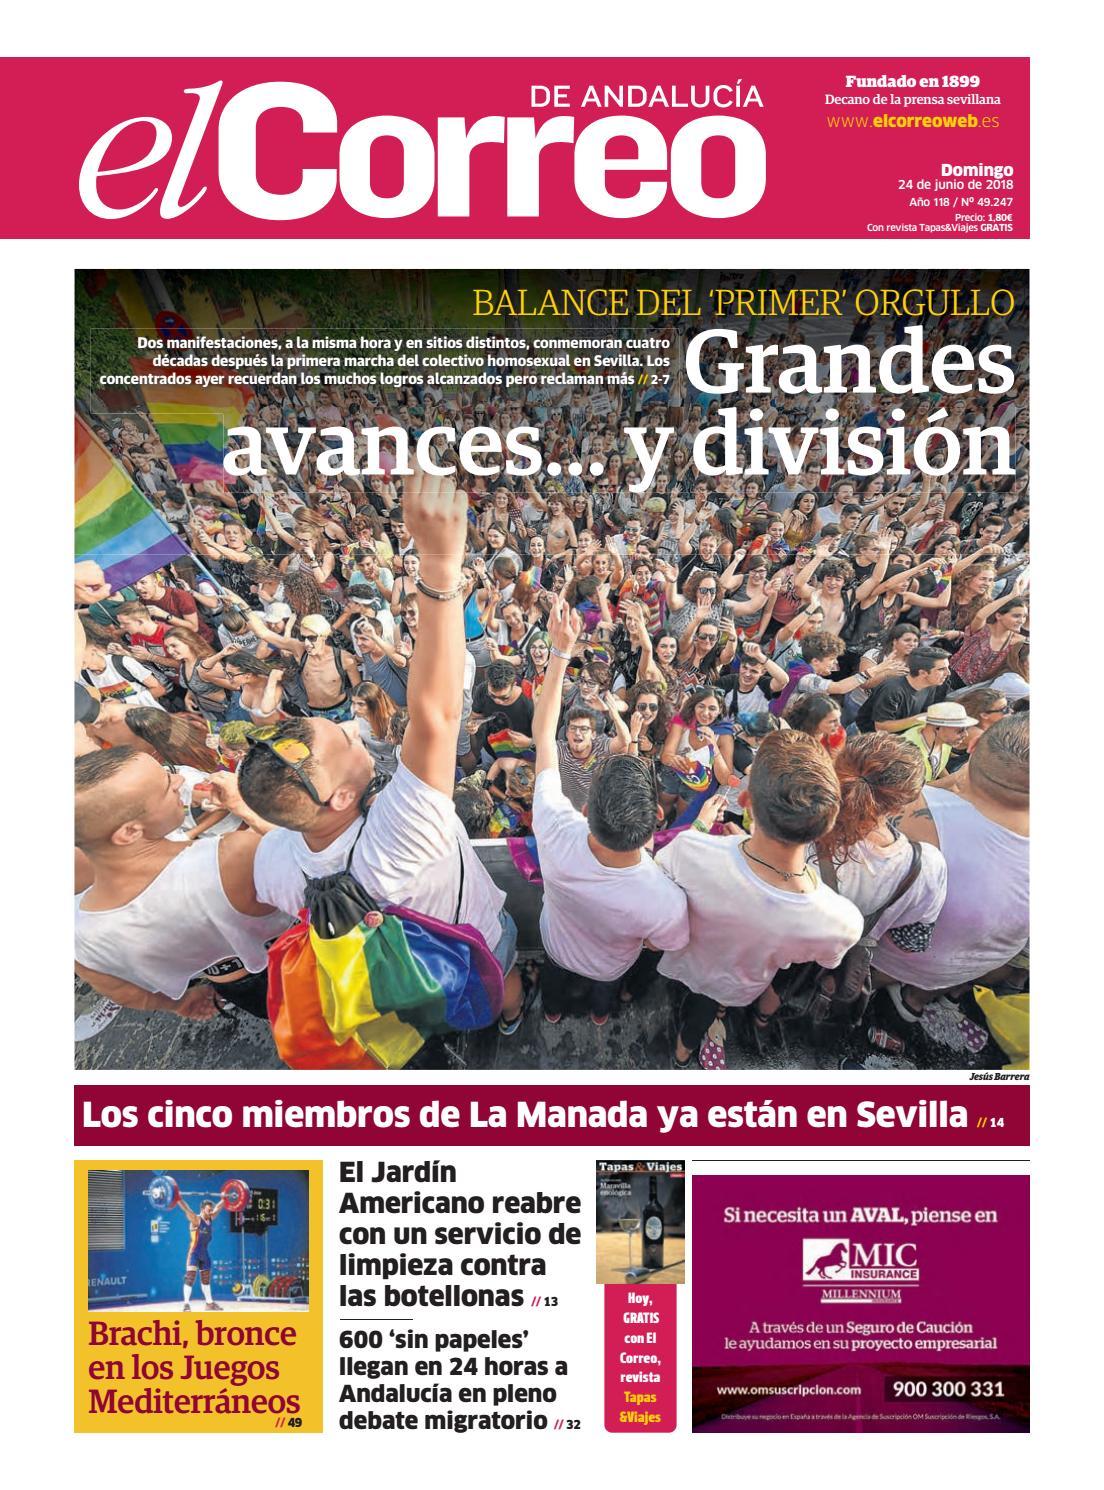 24.06.2018 El Correo de Andalucía by EL CORREO DE ANDALUCÍA S.L. - issuu 764bf46fd2e86